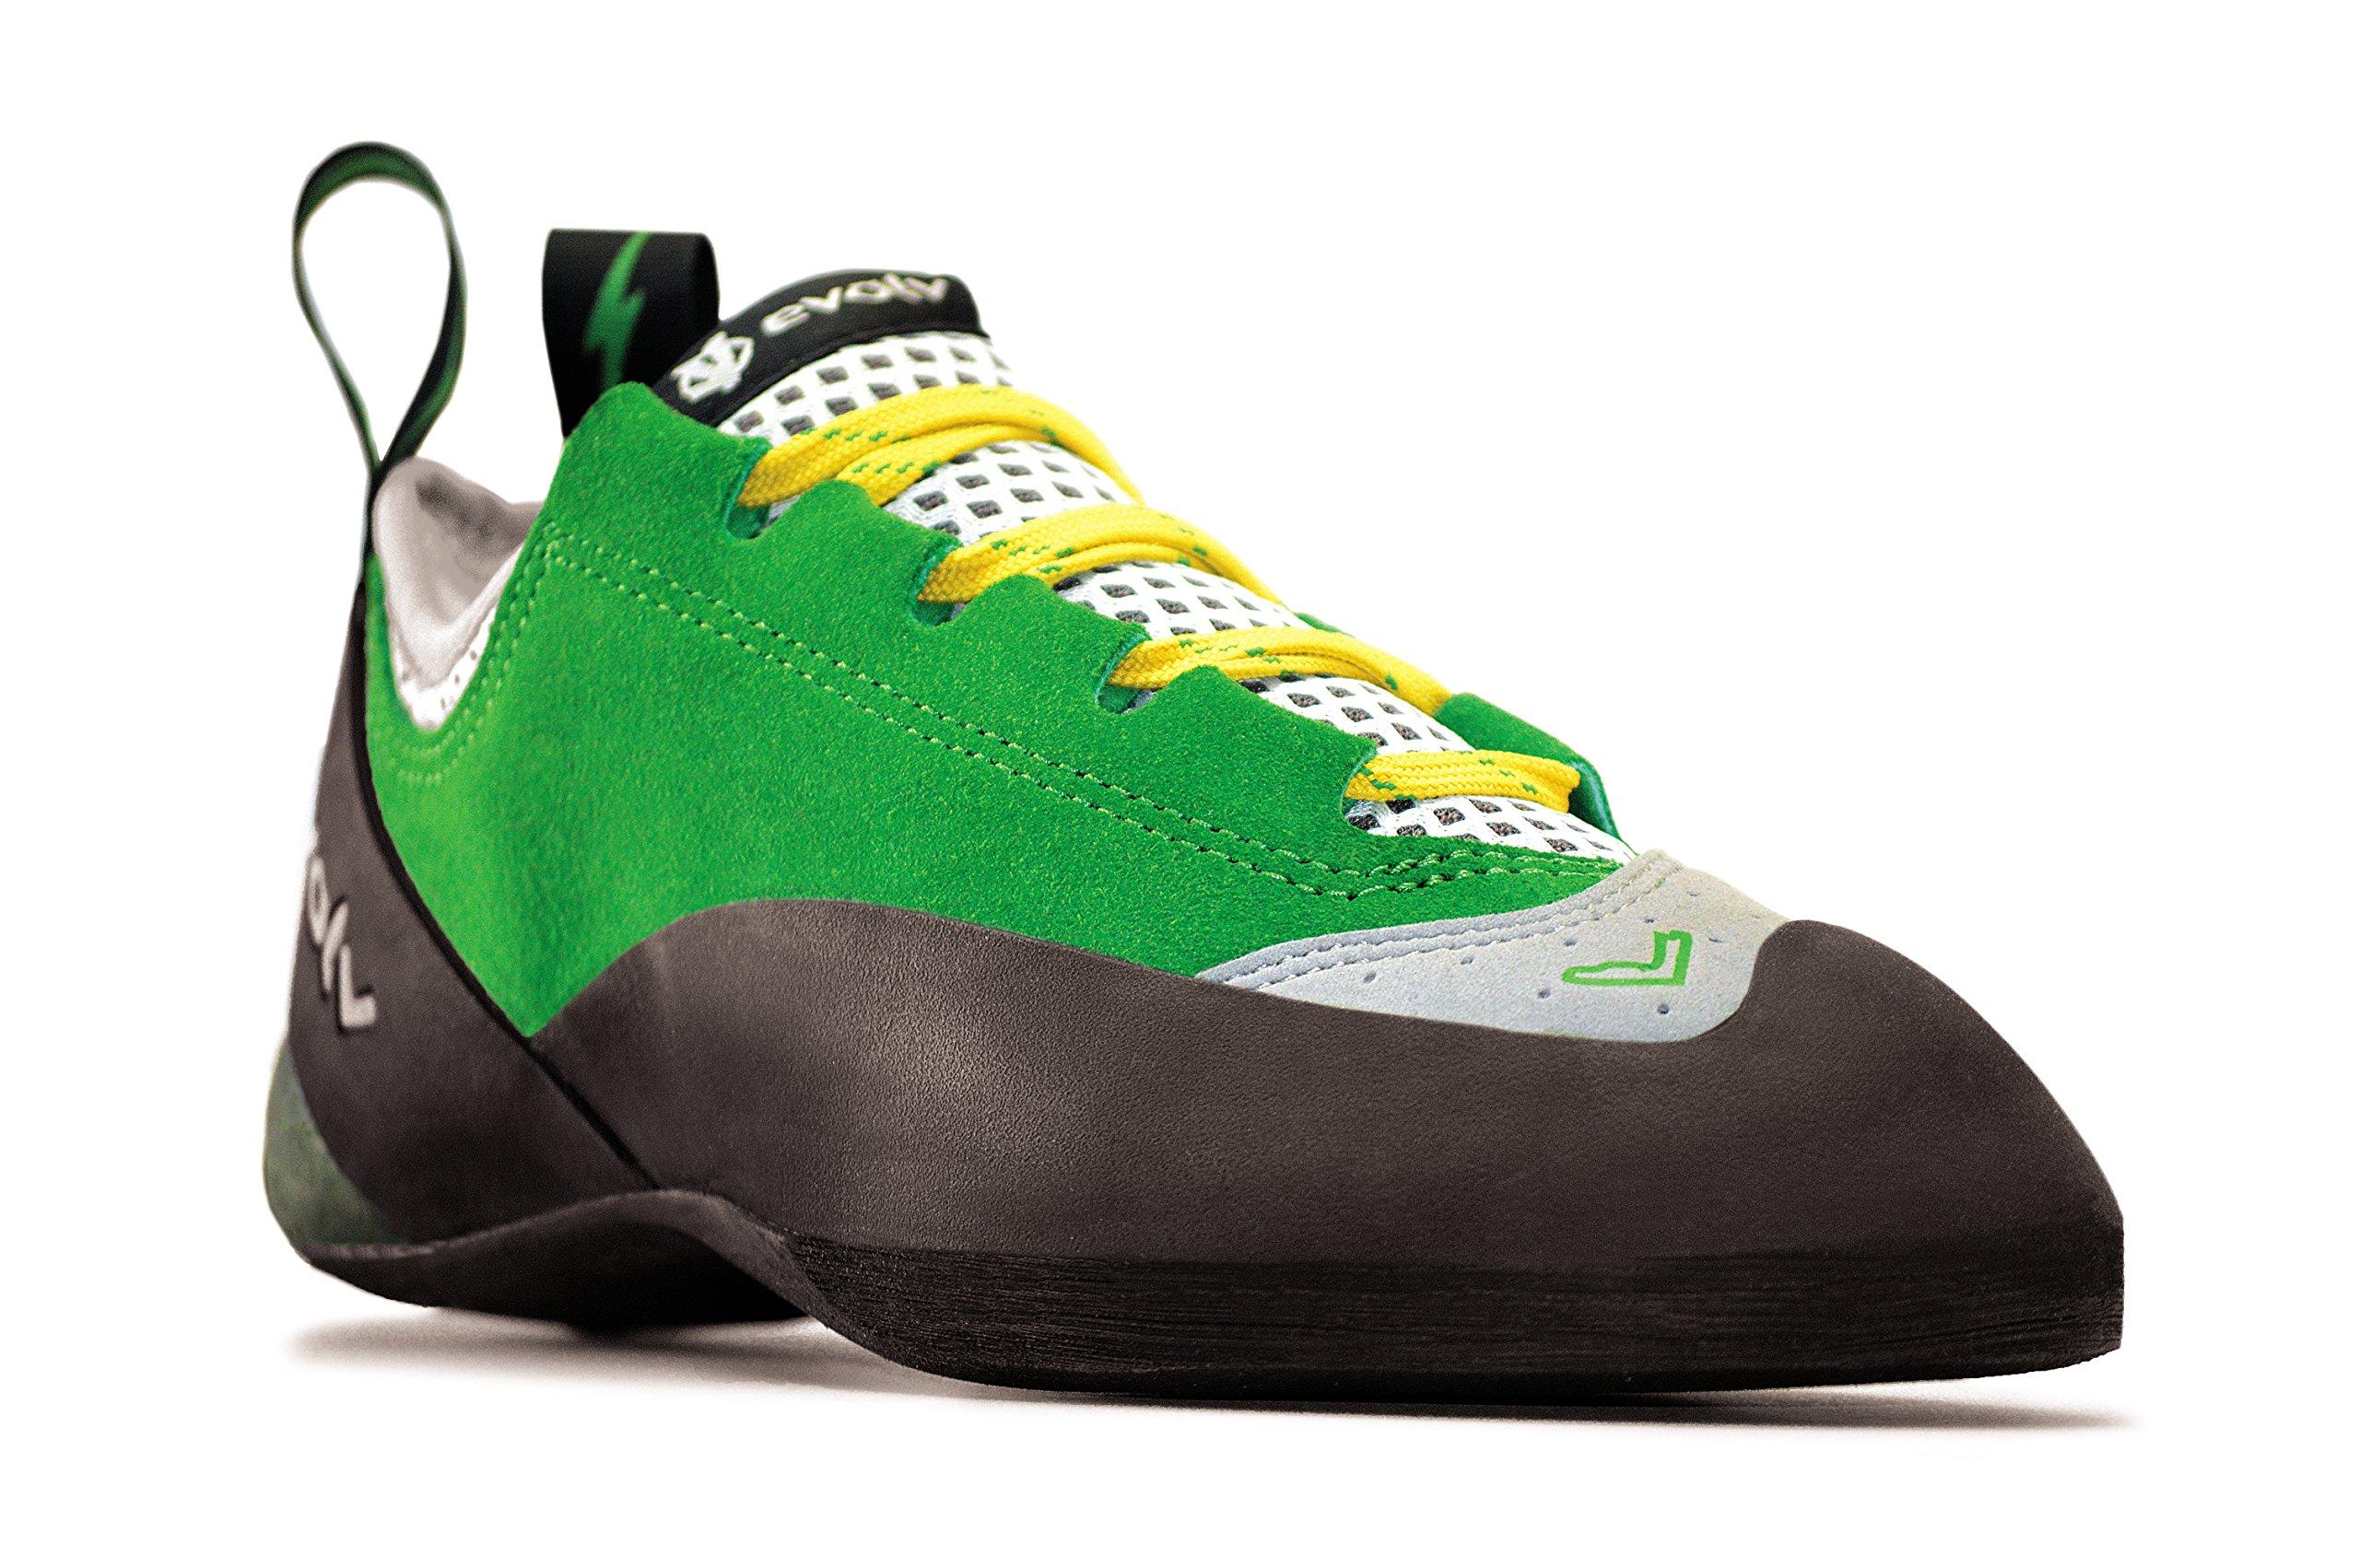 Evolv Spark Climbing Shoe - Men's Green/Gray 9.5